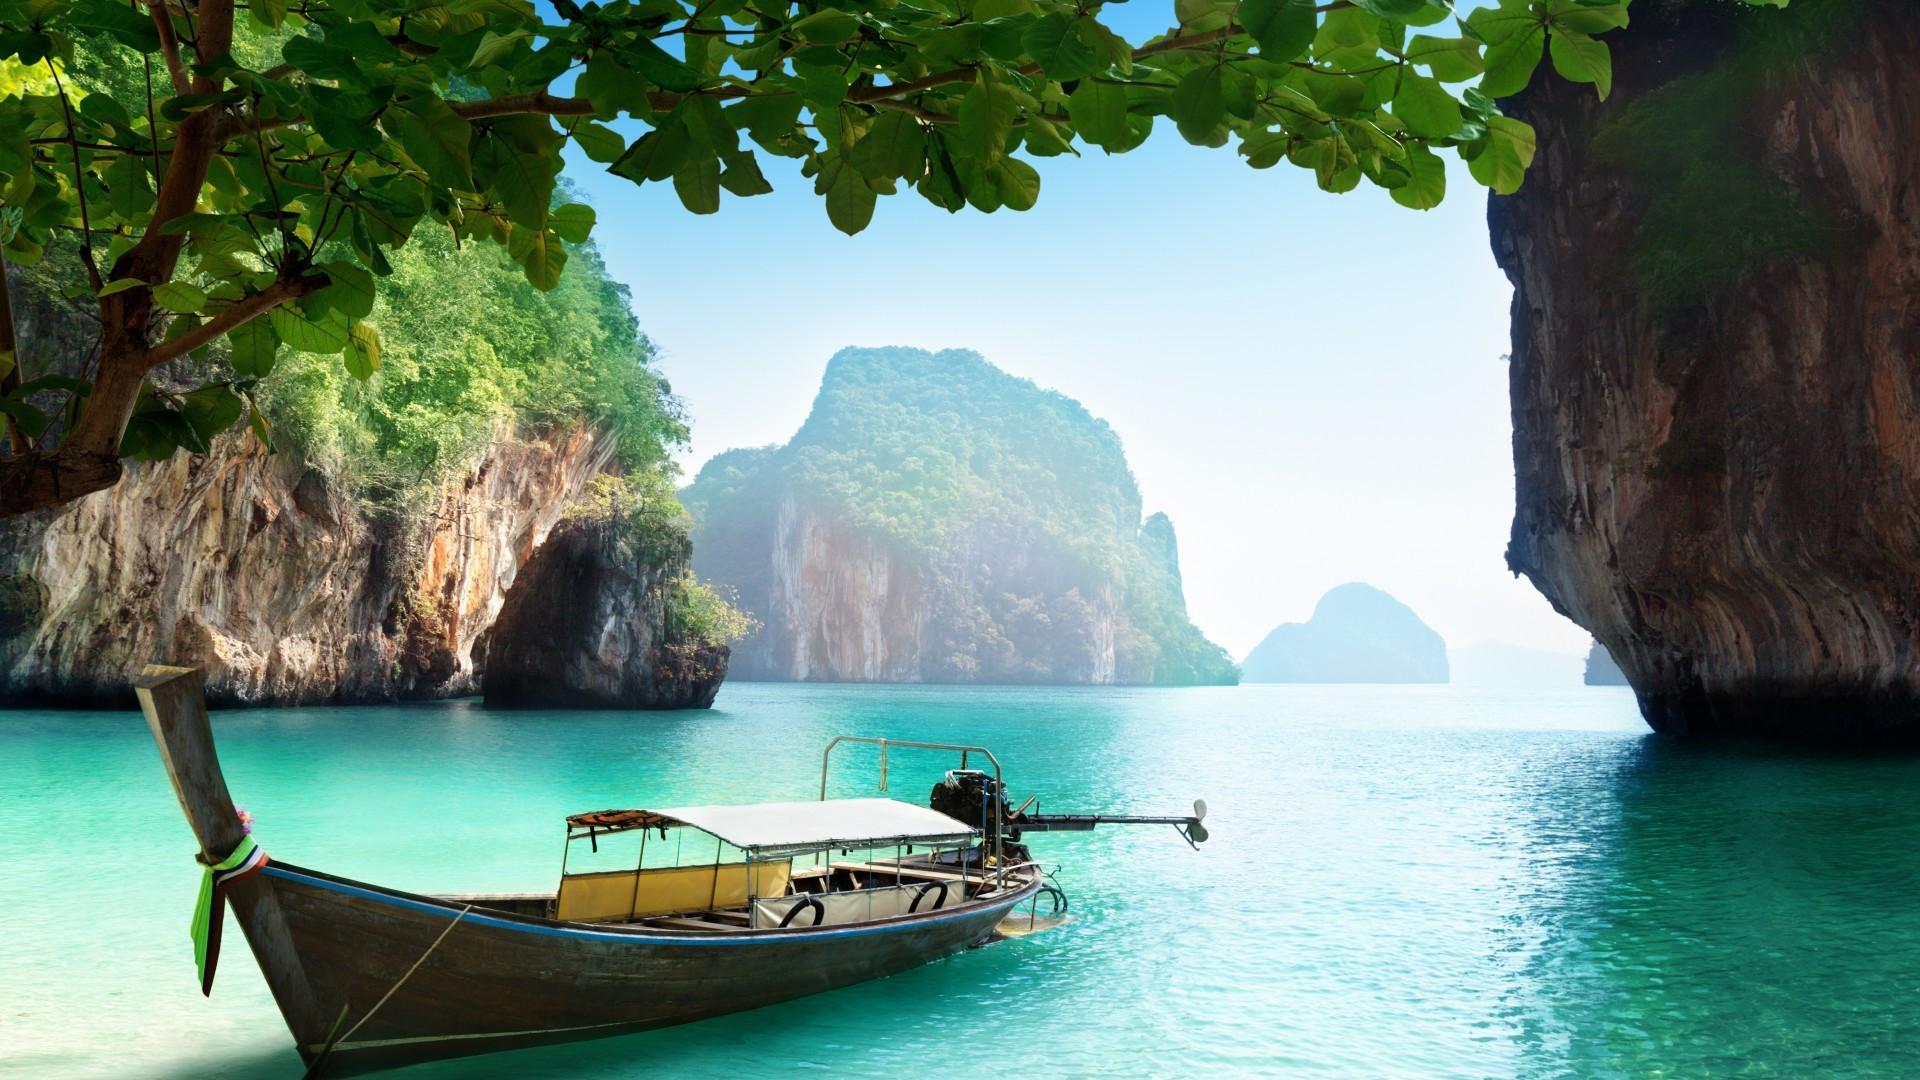 доме-корабле тайланд картинки для экрана чем решиться открытый